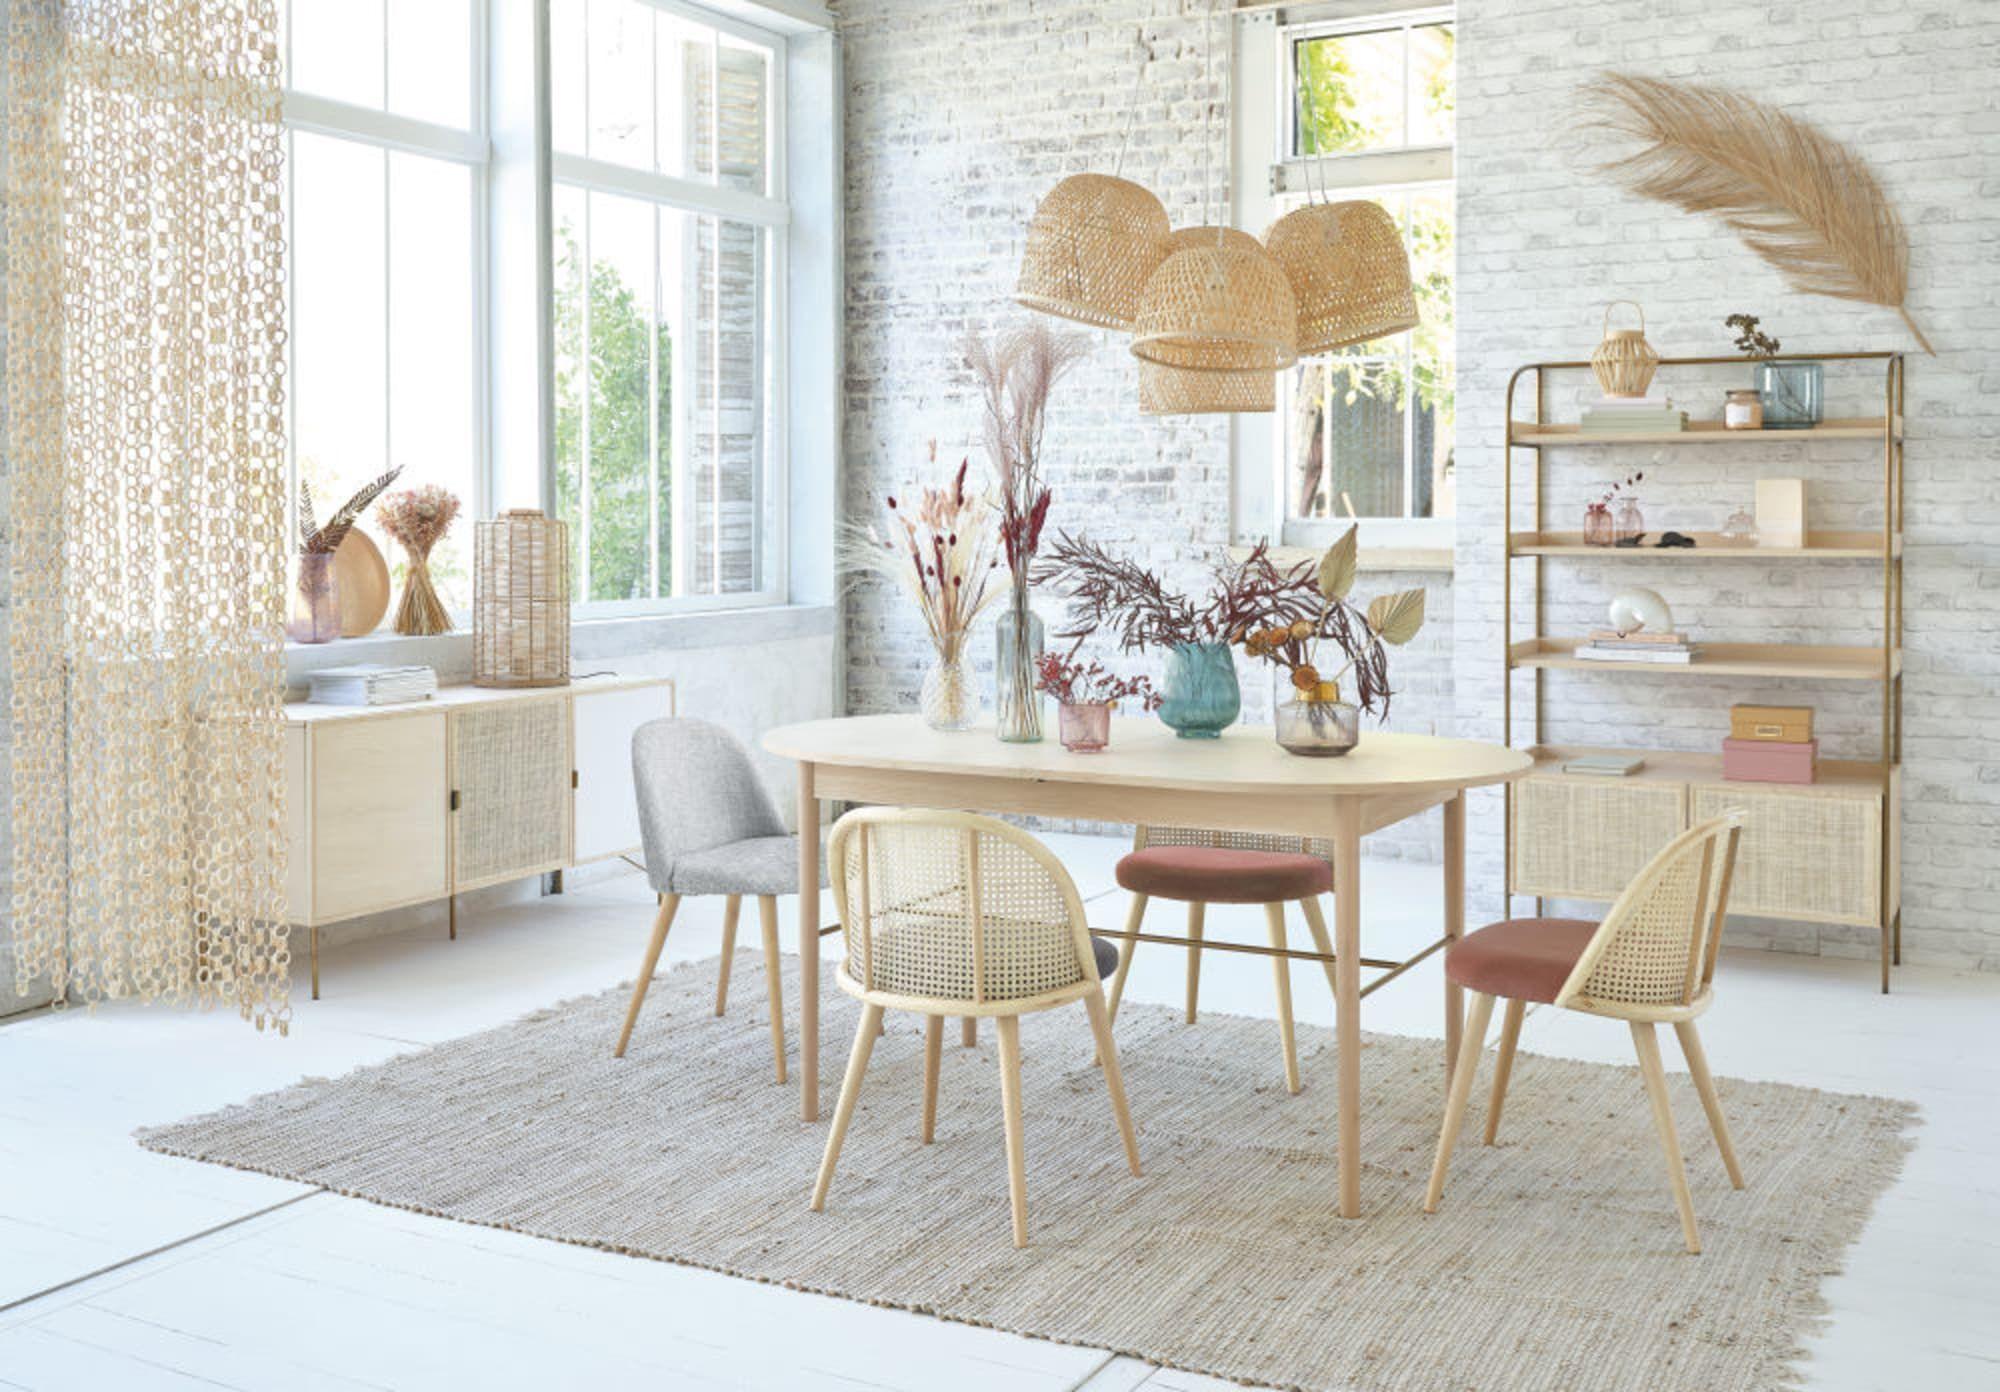 Lampade Sospensione A Grappolo Étagère 2 portes cannage en rotin | furniture, home decor, home